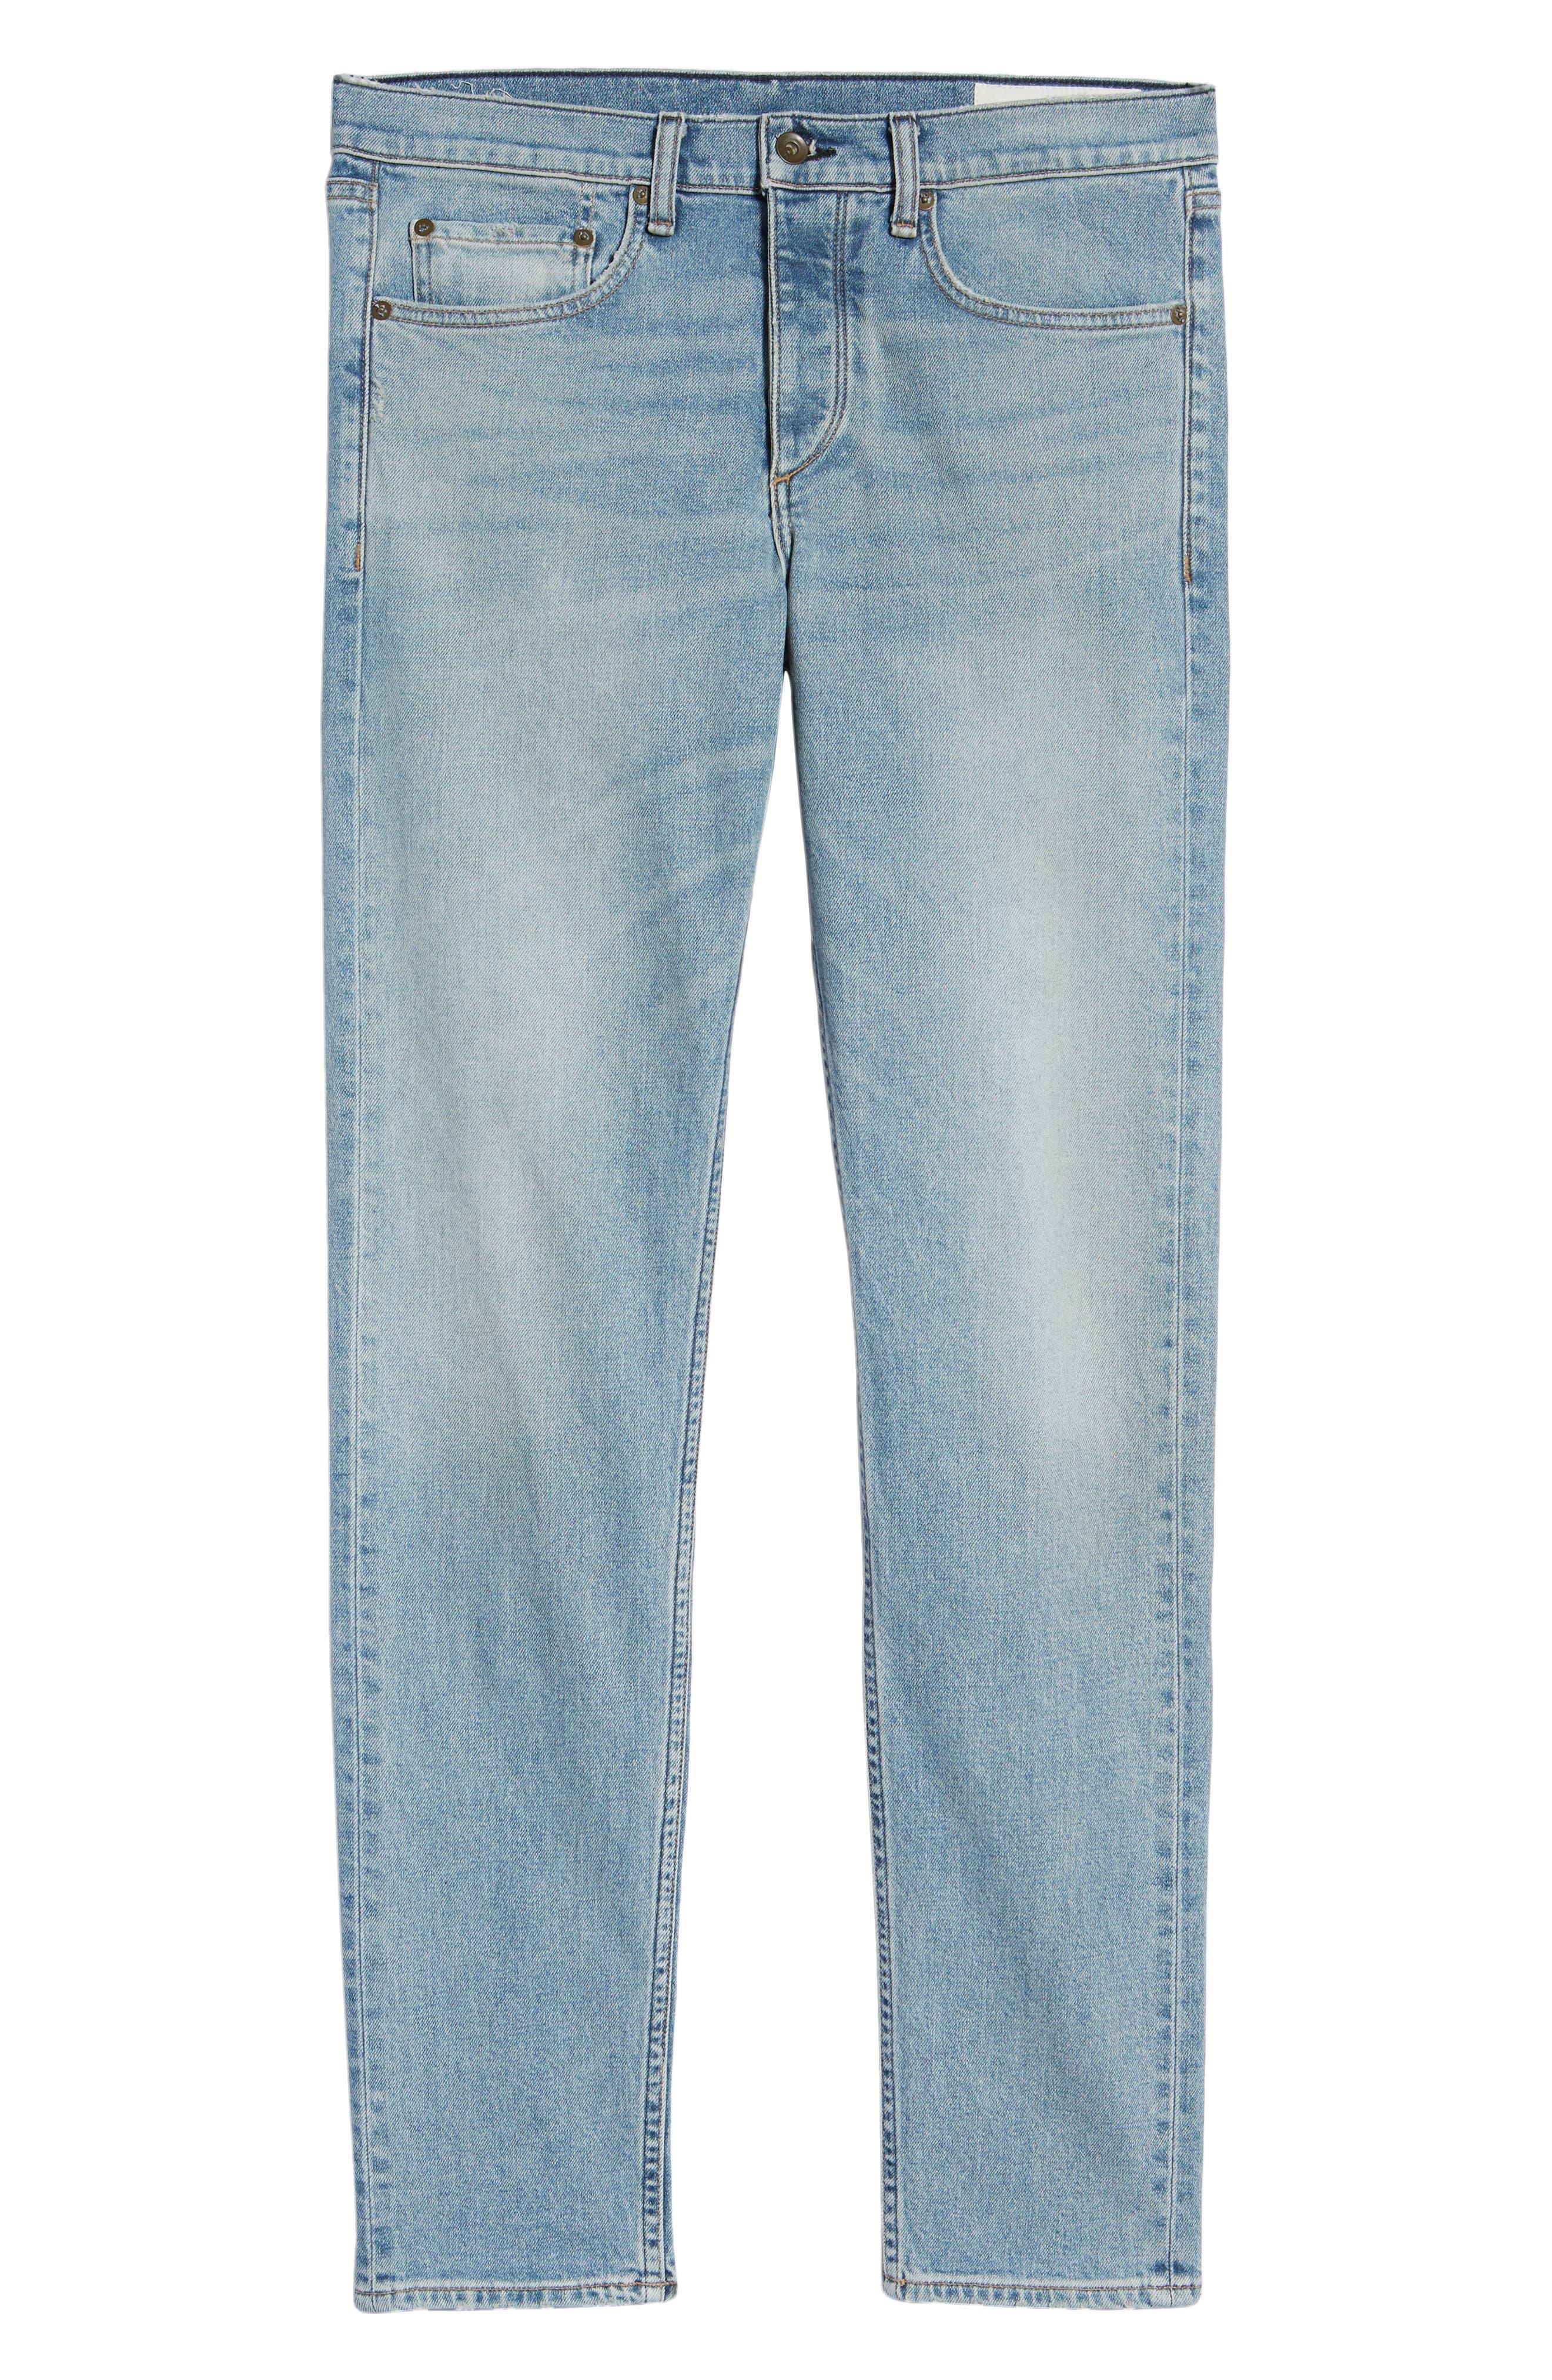 Fit 2 Slim Fit Jeans,                             Alternate thumbnail 6, color,                             400